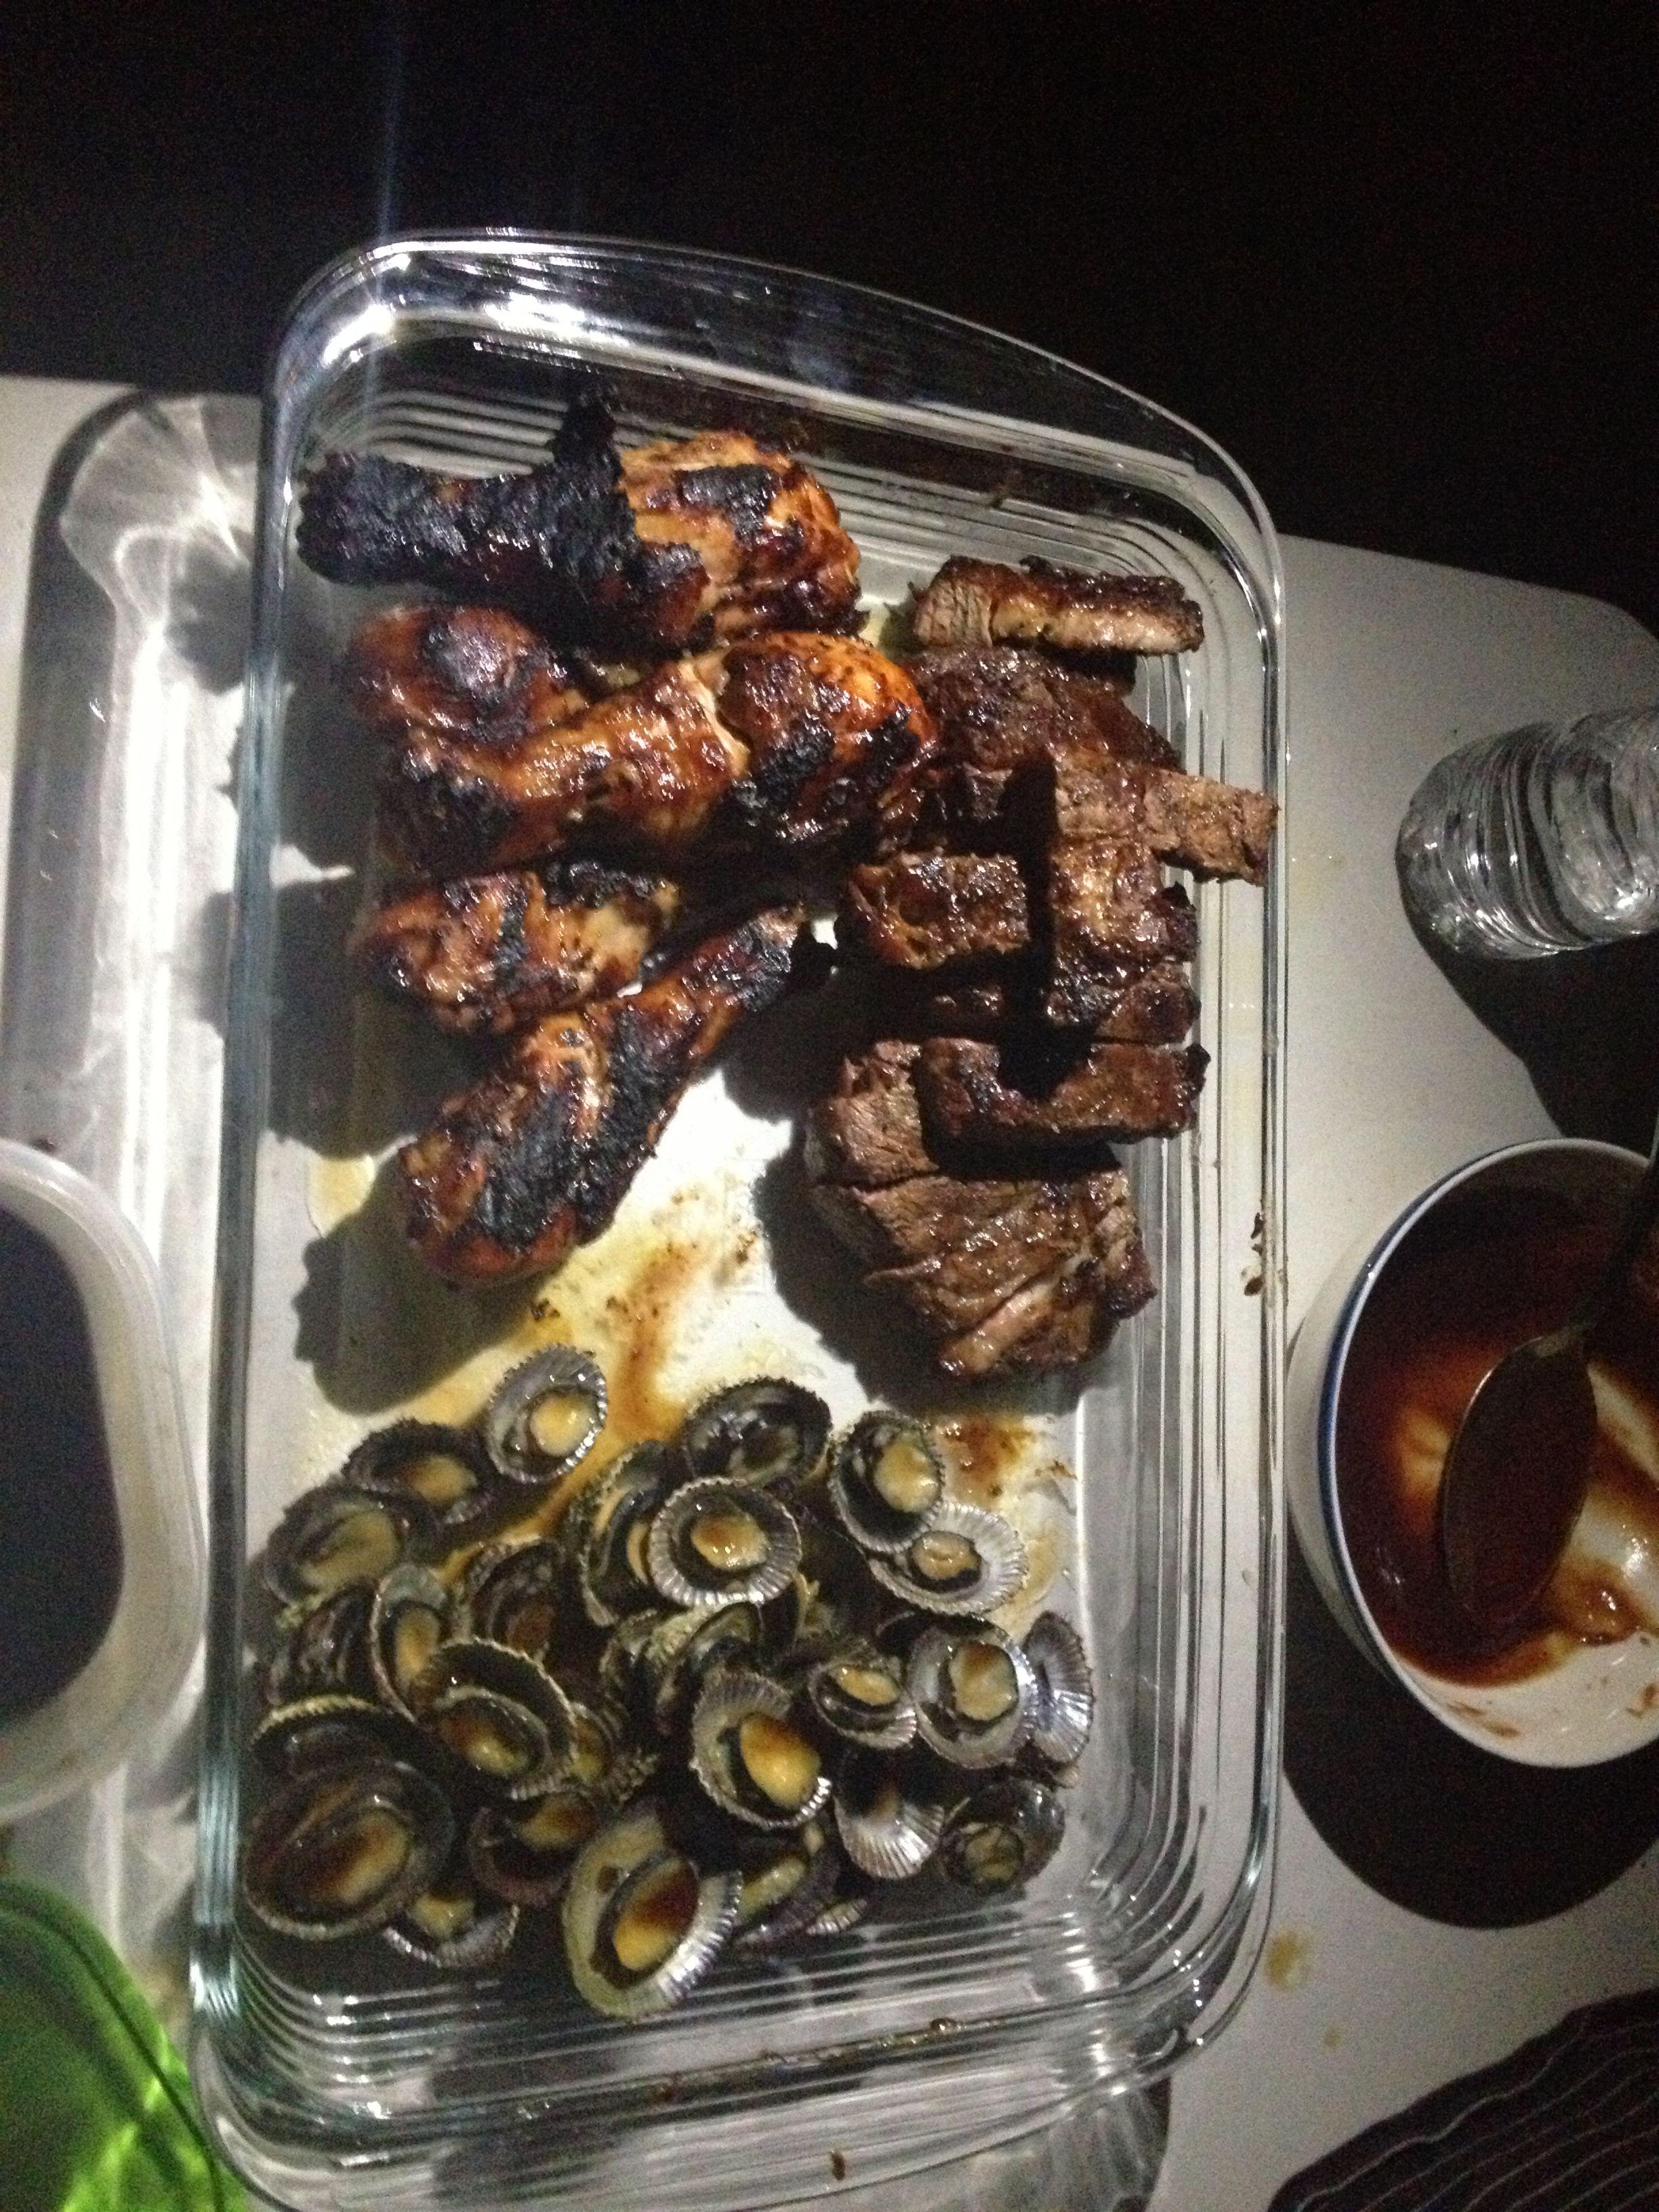 BBQ chicken, steak, & opihi grilled